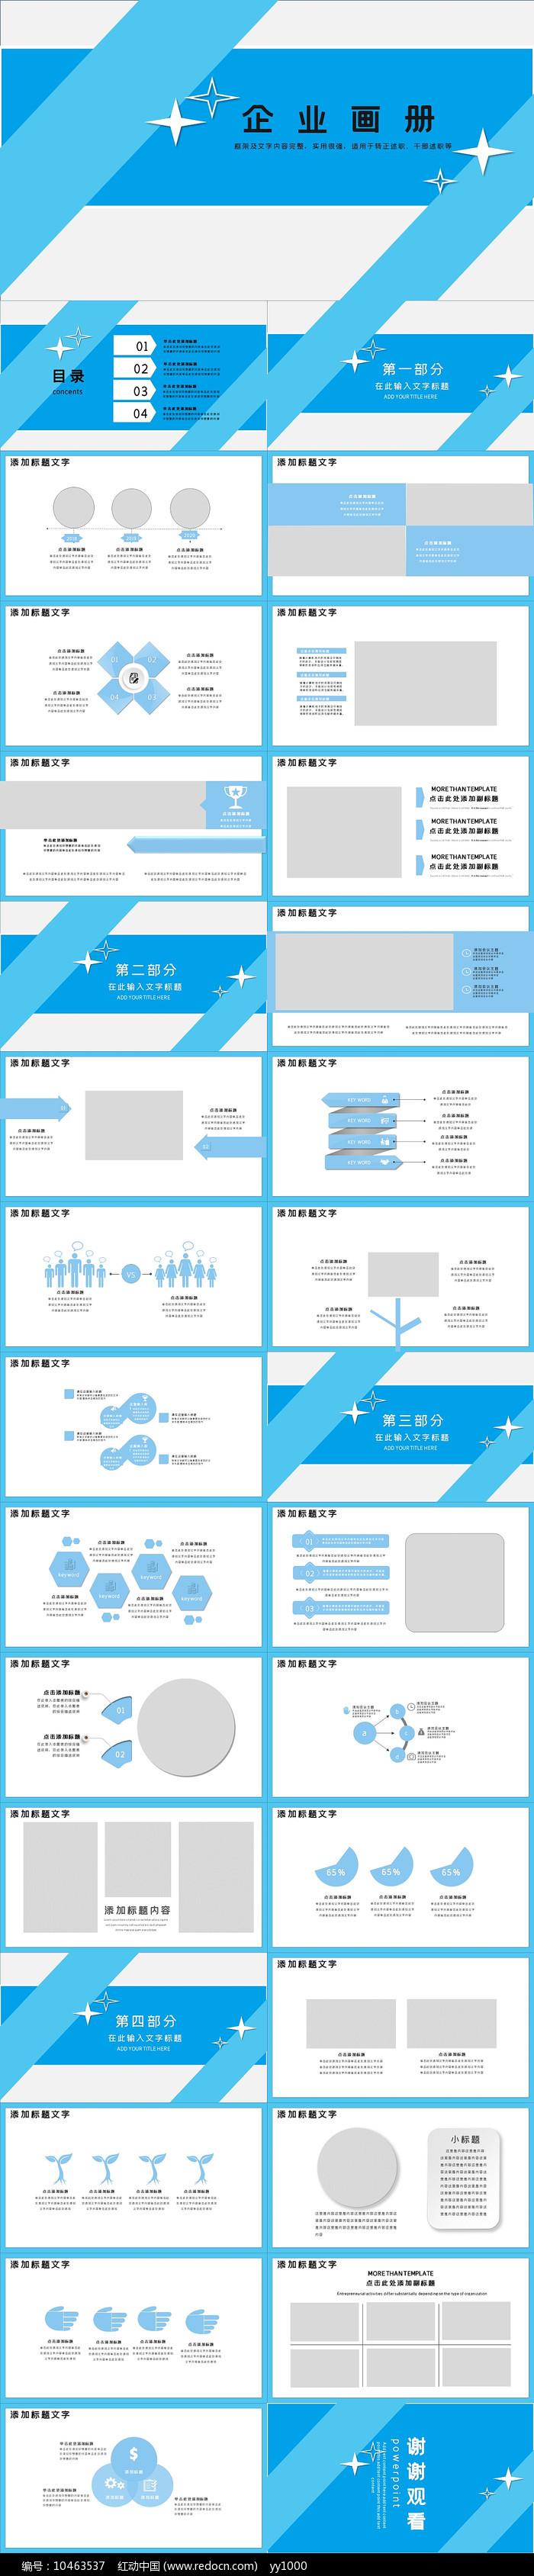 蓝色商务画册PPT模板图片